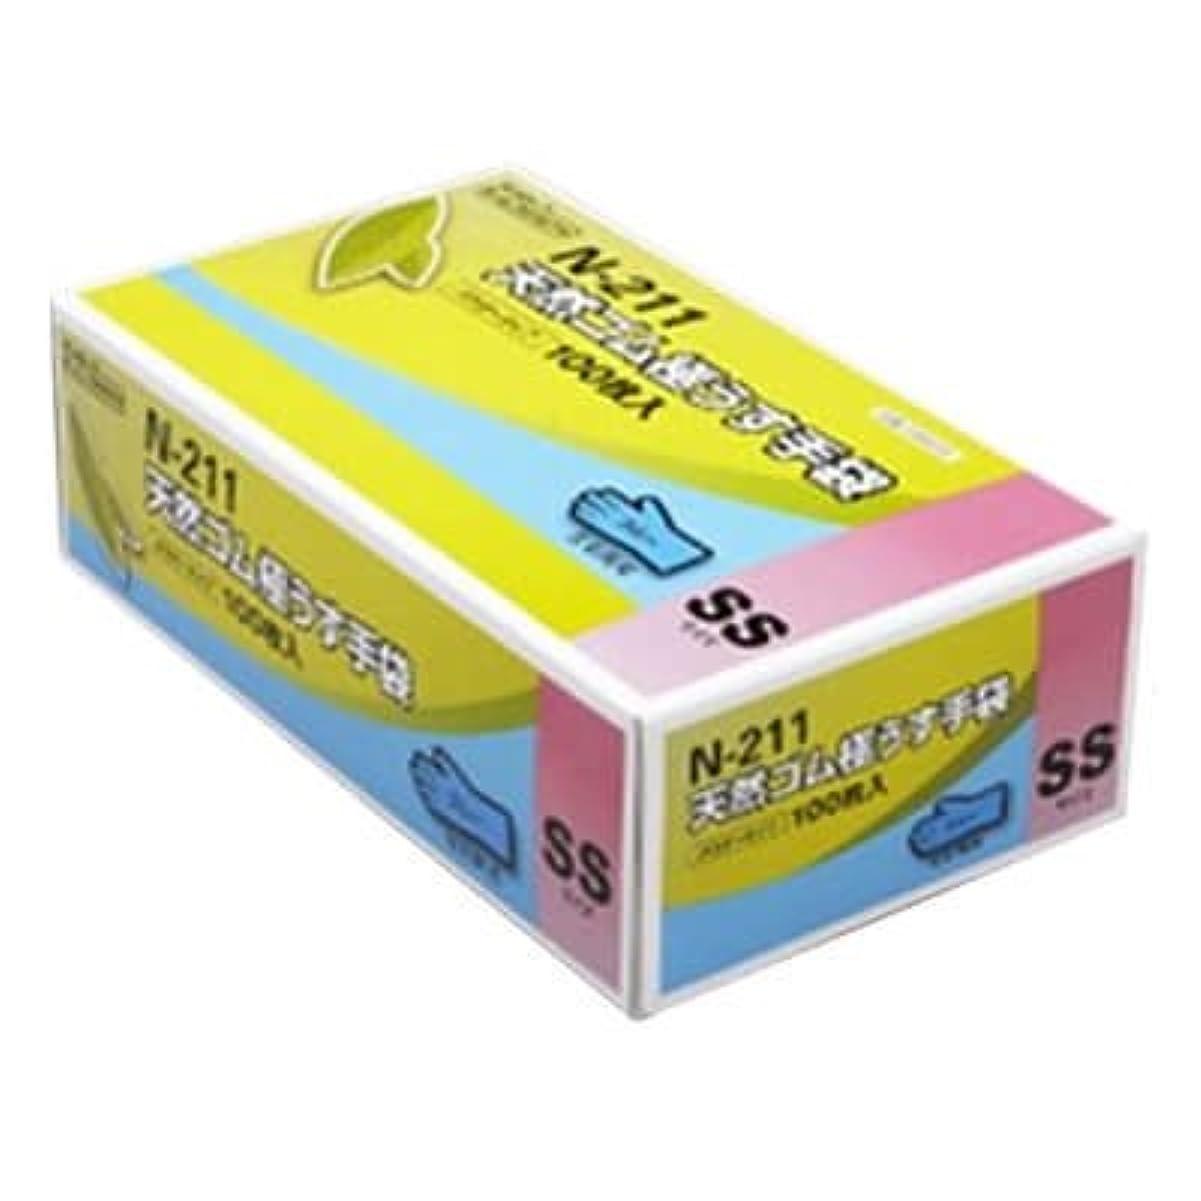 横向き礼拝寛大な【ケース販売】 ダンロップ 天然ゴム極うす手袋 N-211 SS ブルー (100枚入×20箱)